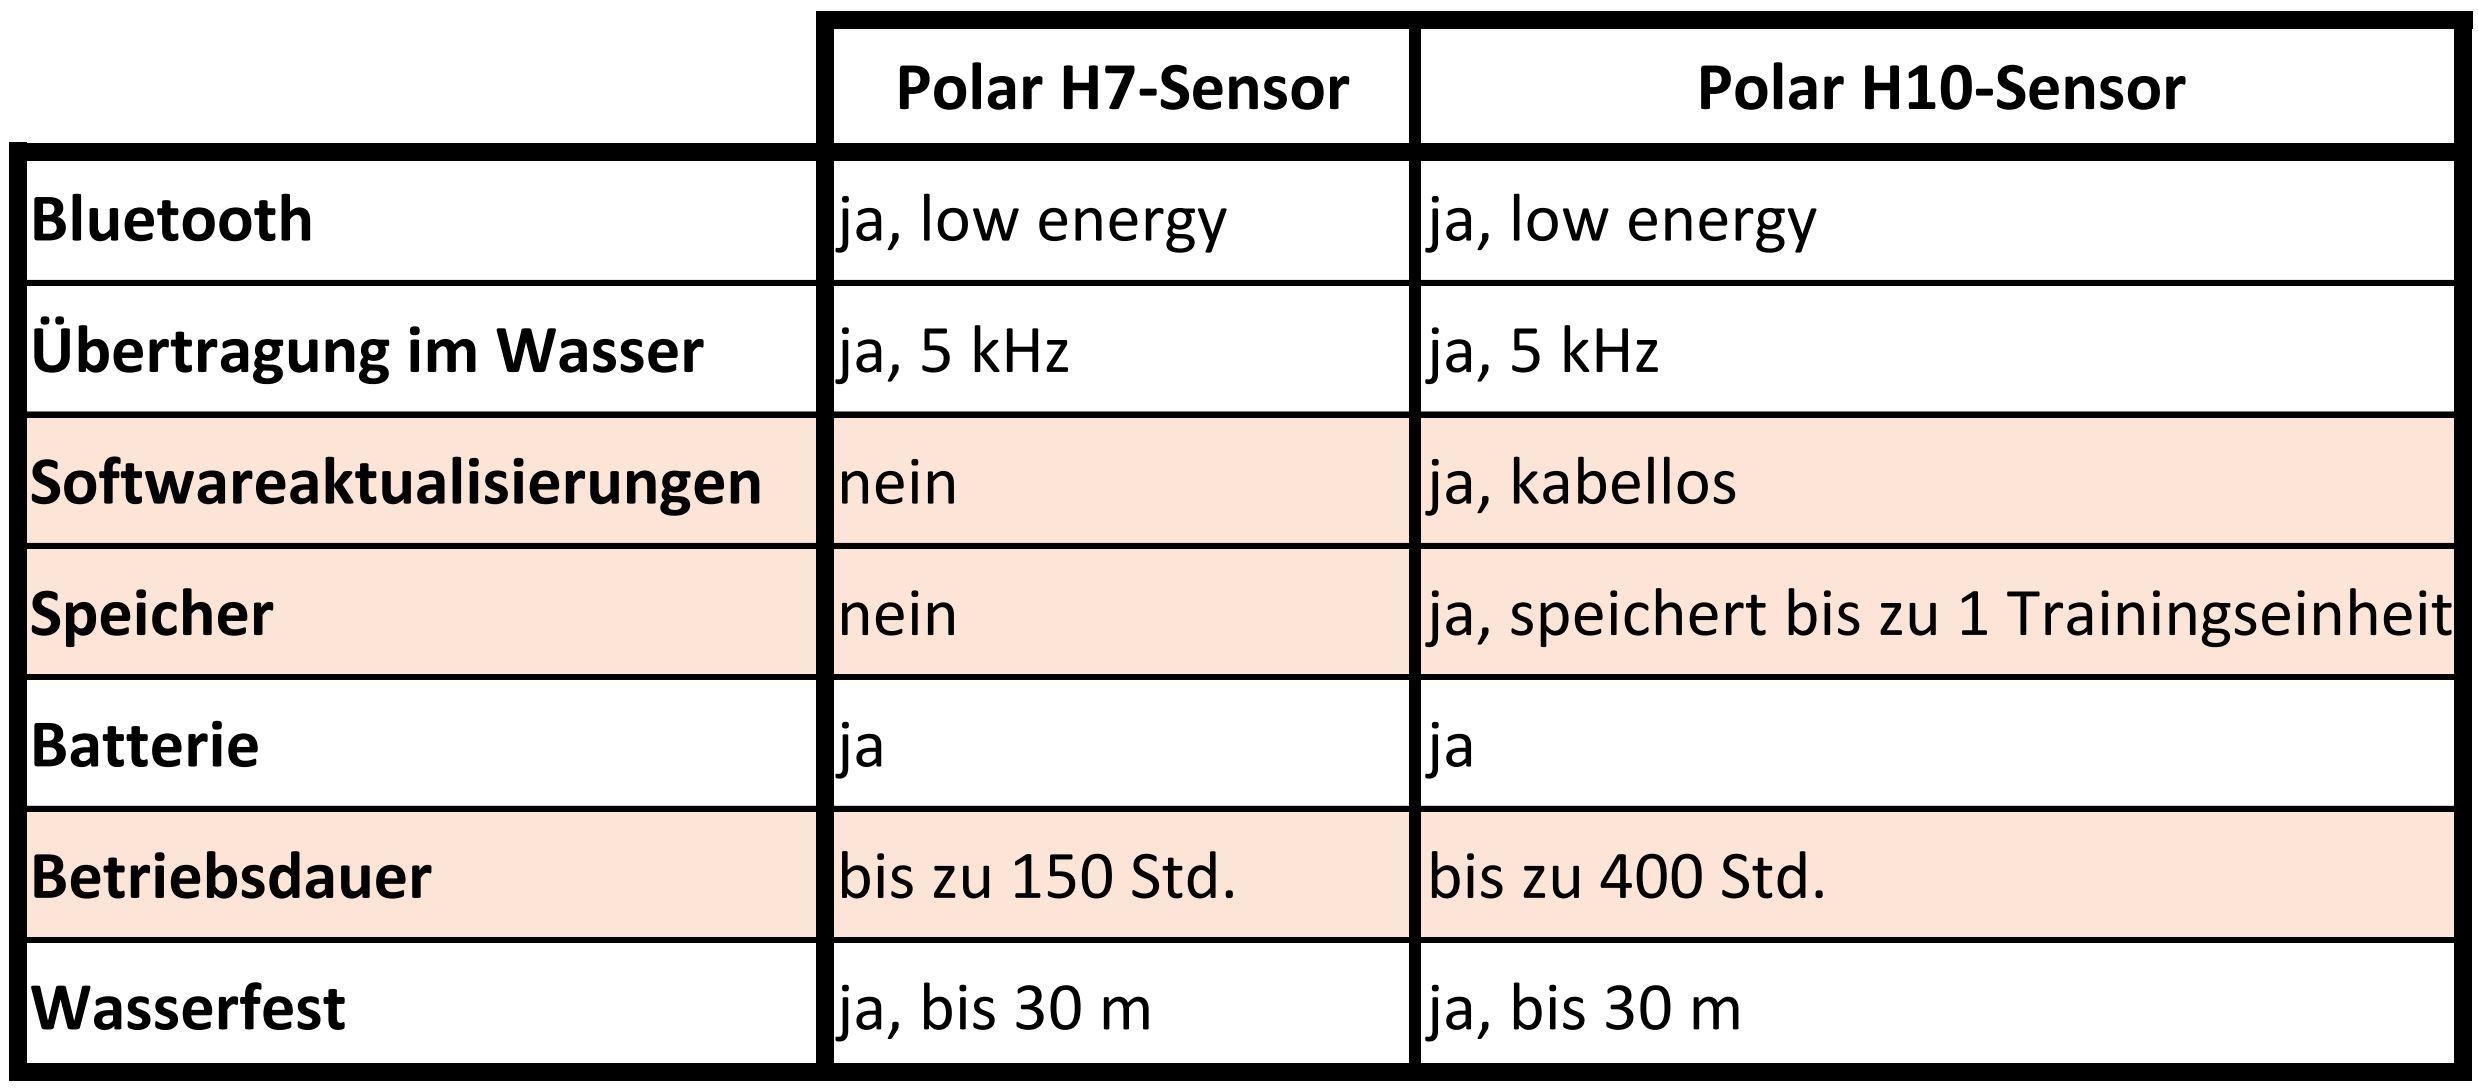 Vergleich Polar H7- und H10-Sensor